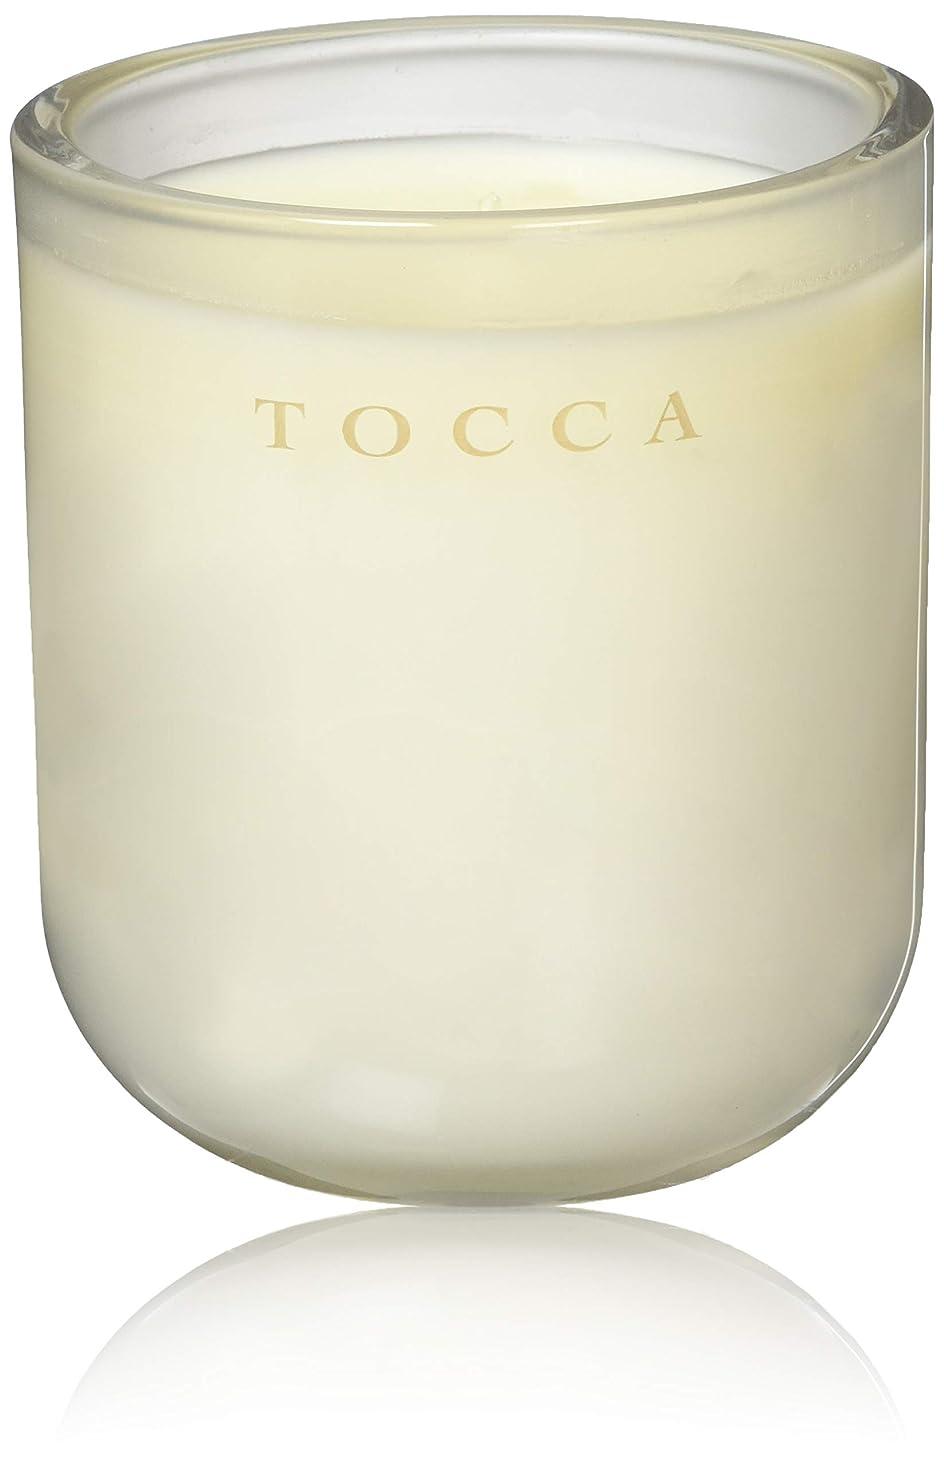 新着タンカー言及するTOCCA(トッカ) ボヤージュ キャンドル モントーク 287g (ろうそく 芳香 キューカンバーの爽やかな香り)